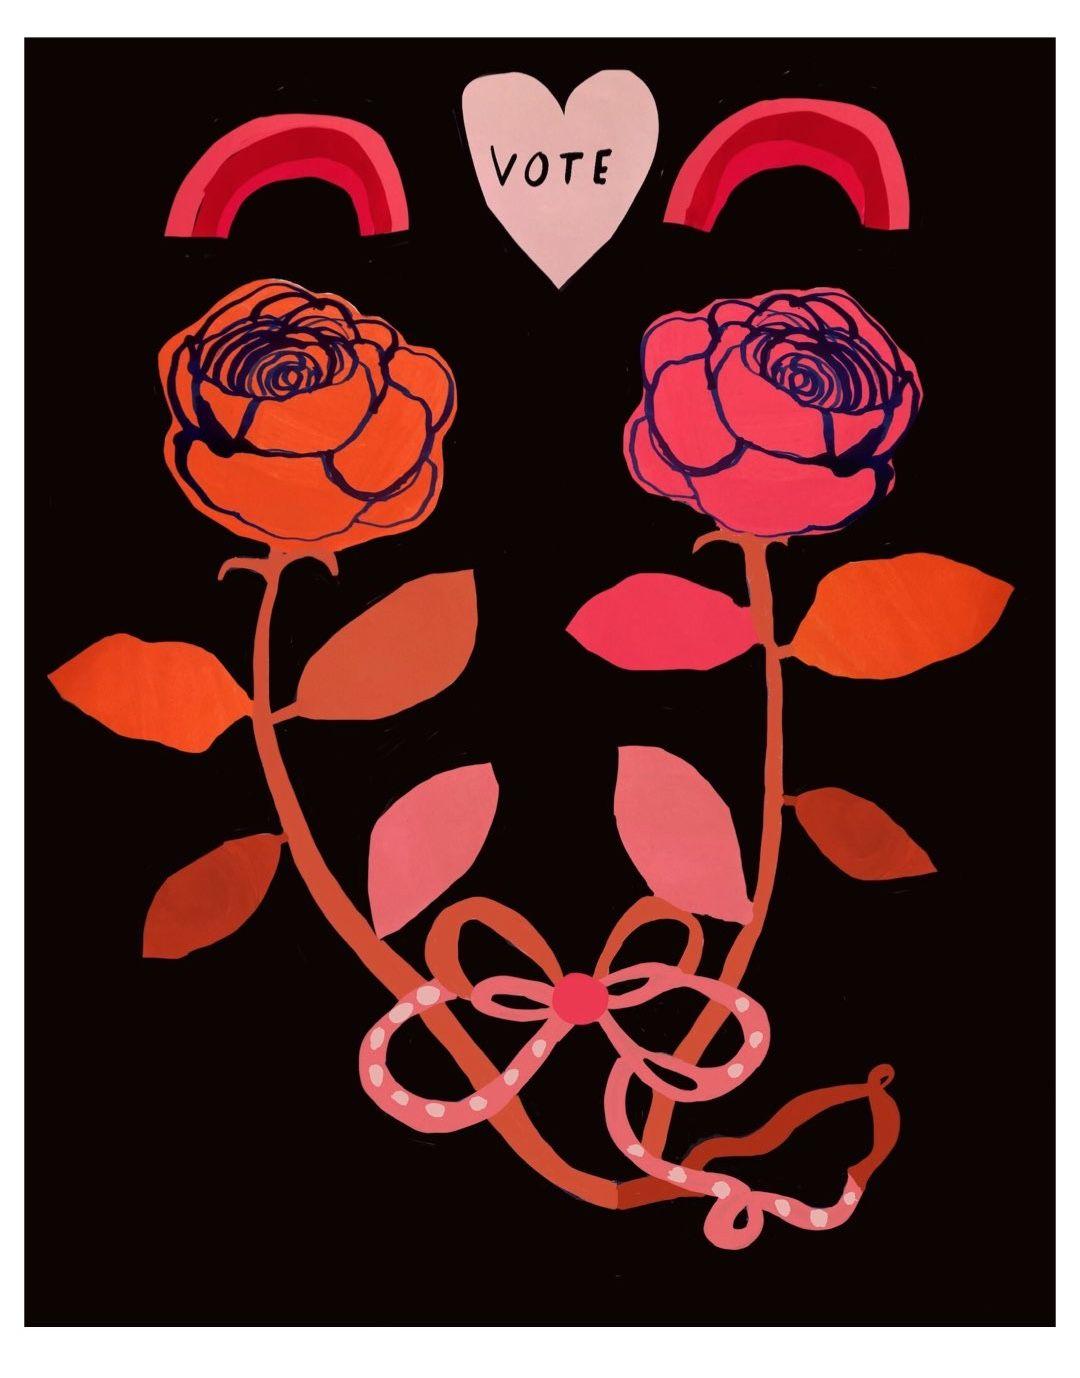 Vote Rose Folk Art Illustration by Colleen Harrington in